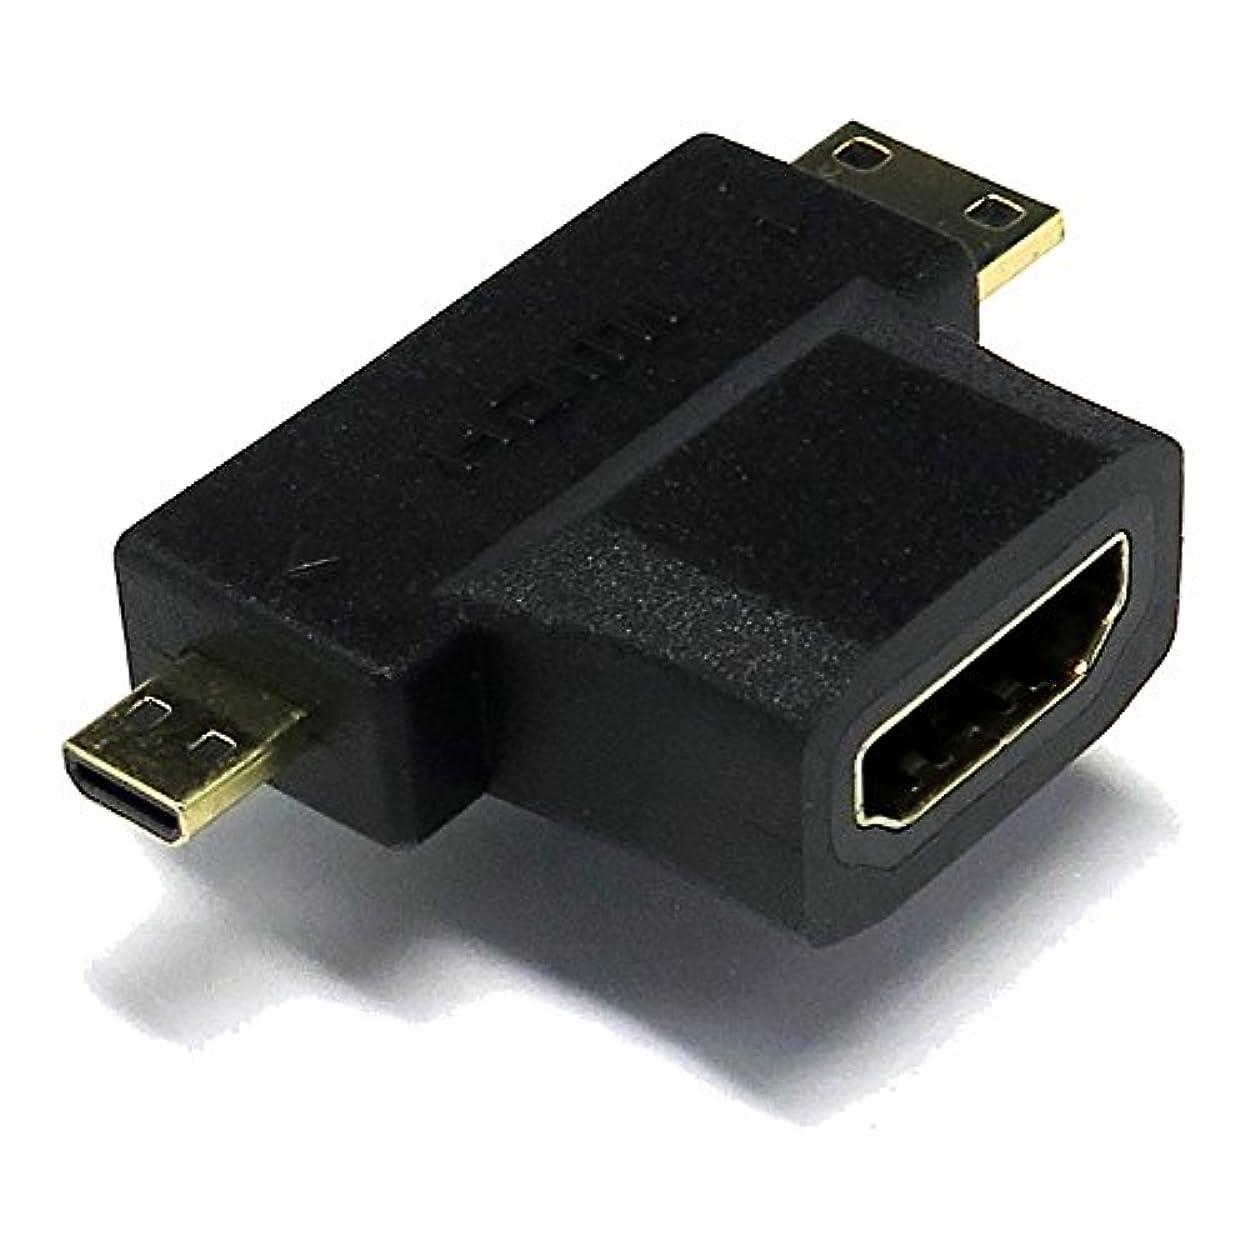 記憶に残る強打気性エスエスエーサービス [ HDMI 変換コネクタ?ver1.4対応 ] タイプA(メス)-タイプC(オス)またはタイプD(オス) SMH2M-HDMAF